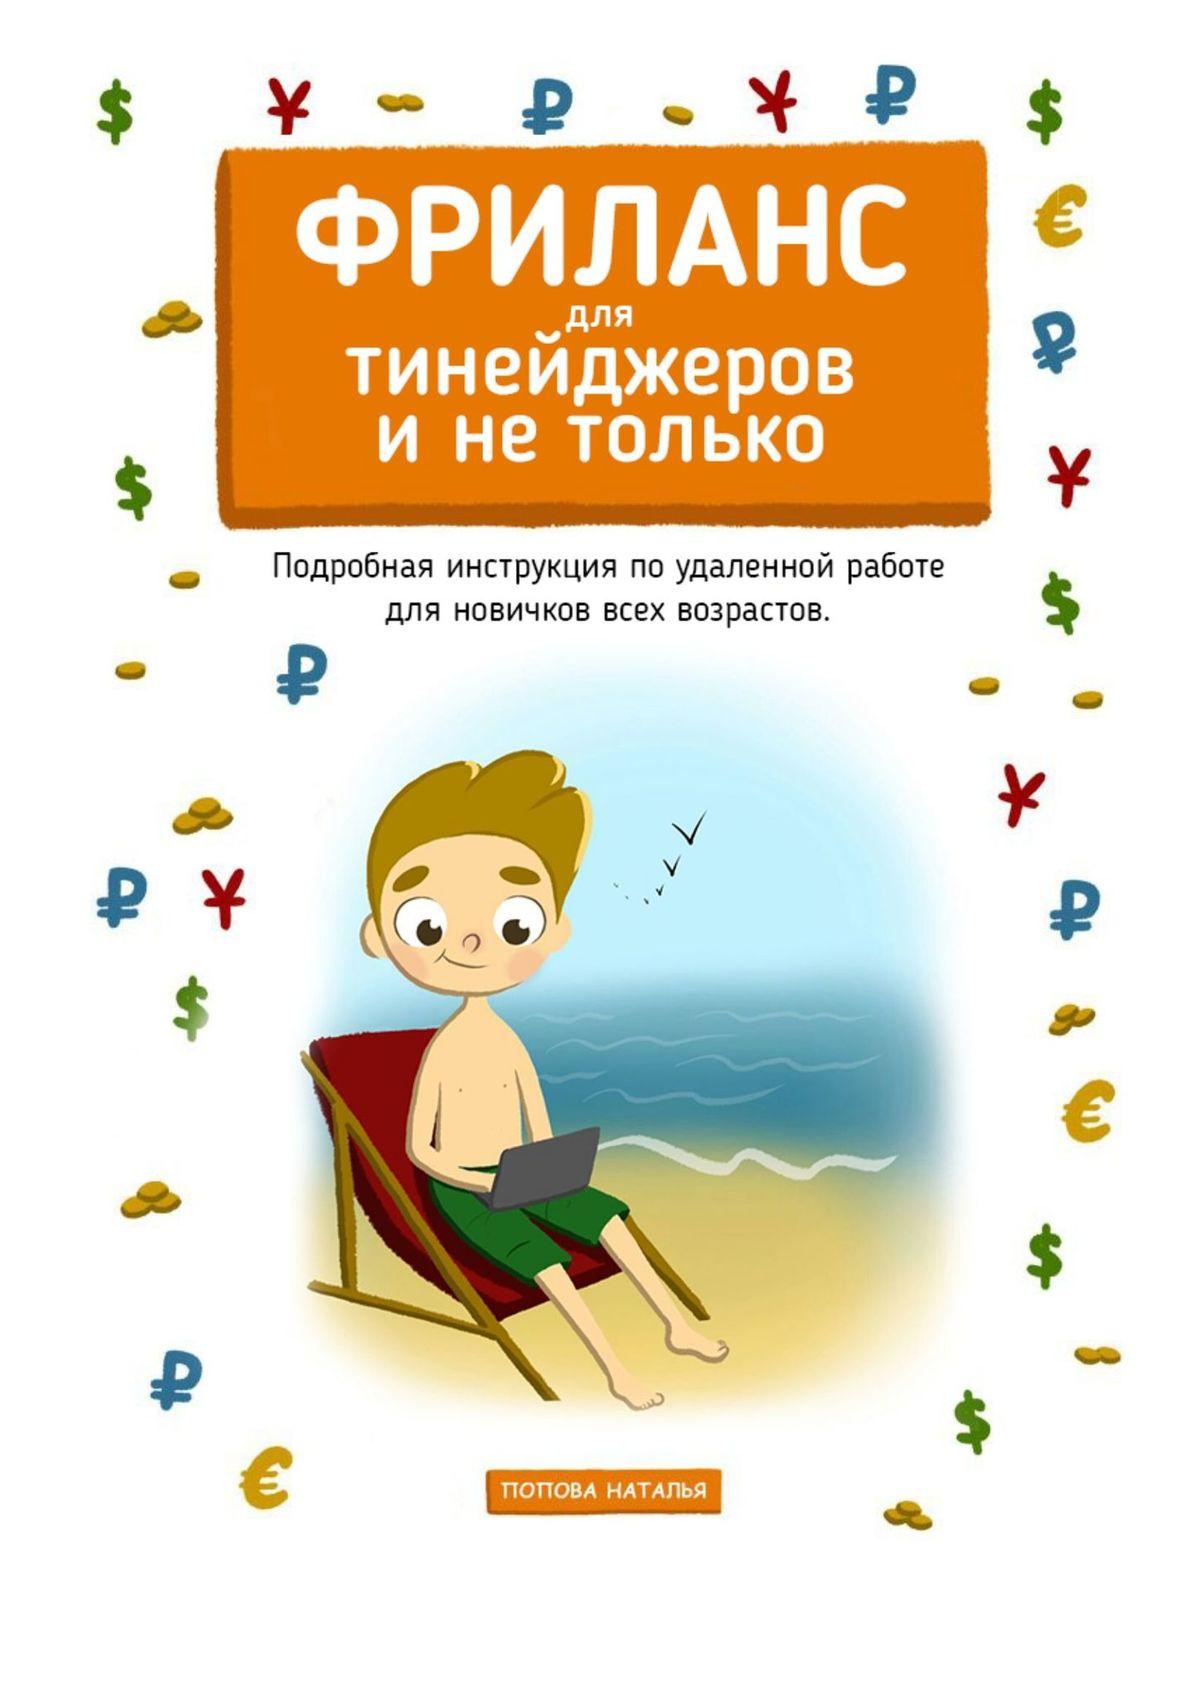 Обложка книги Фриланс для тинейджеров и не только. Подробная инструкция по удаленной работе для новичков всех возрастов